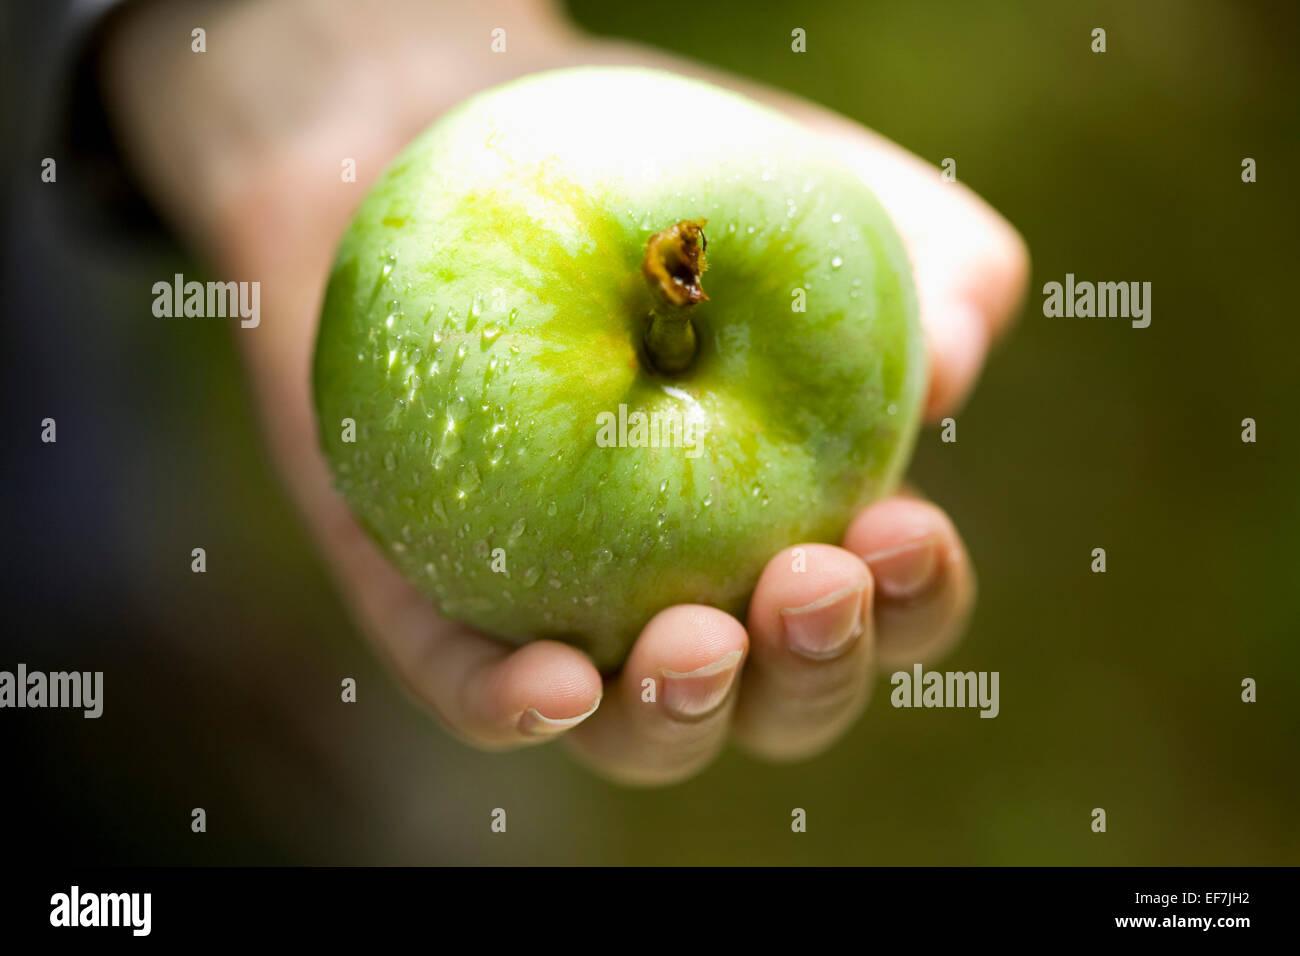 Mano che tiene fresco verde mela Immagini Stock